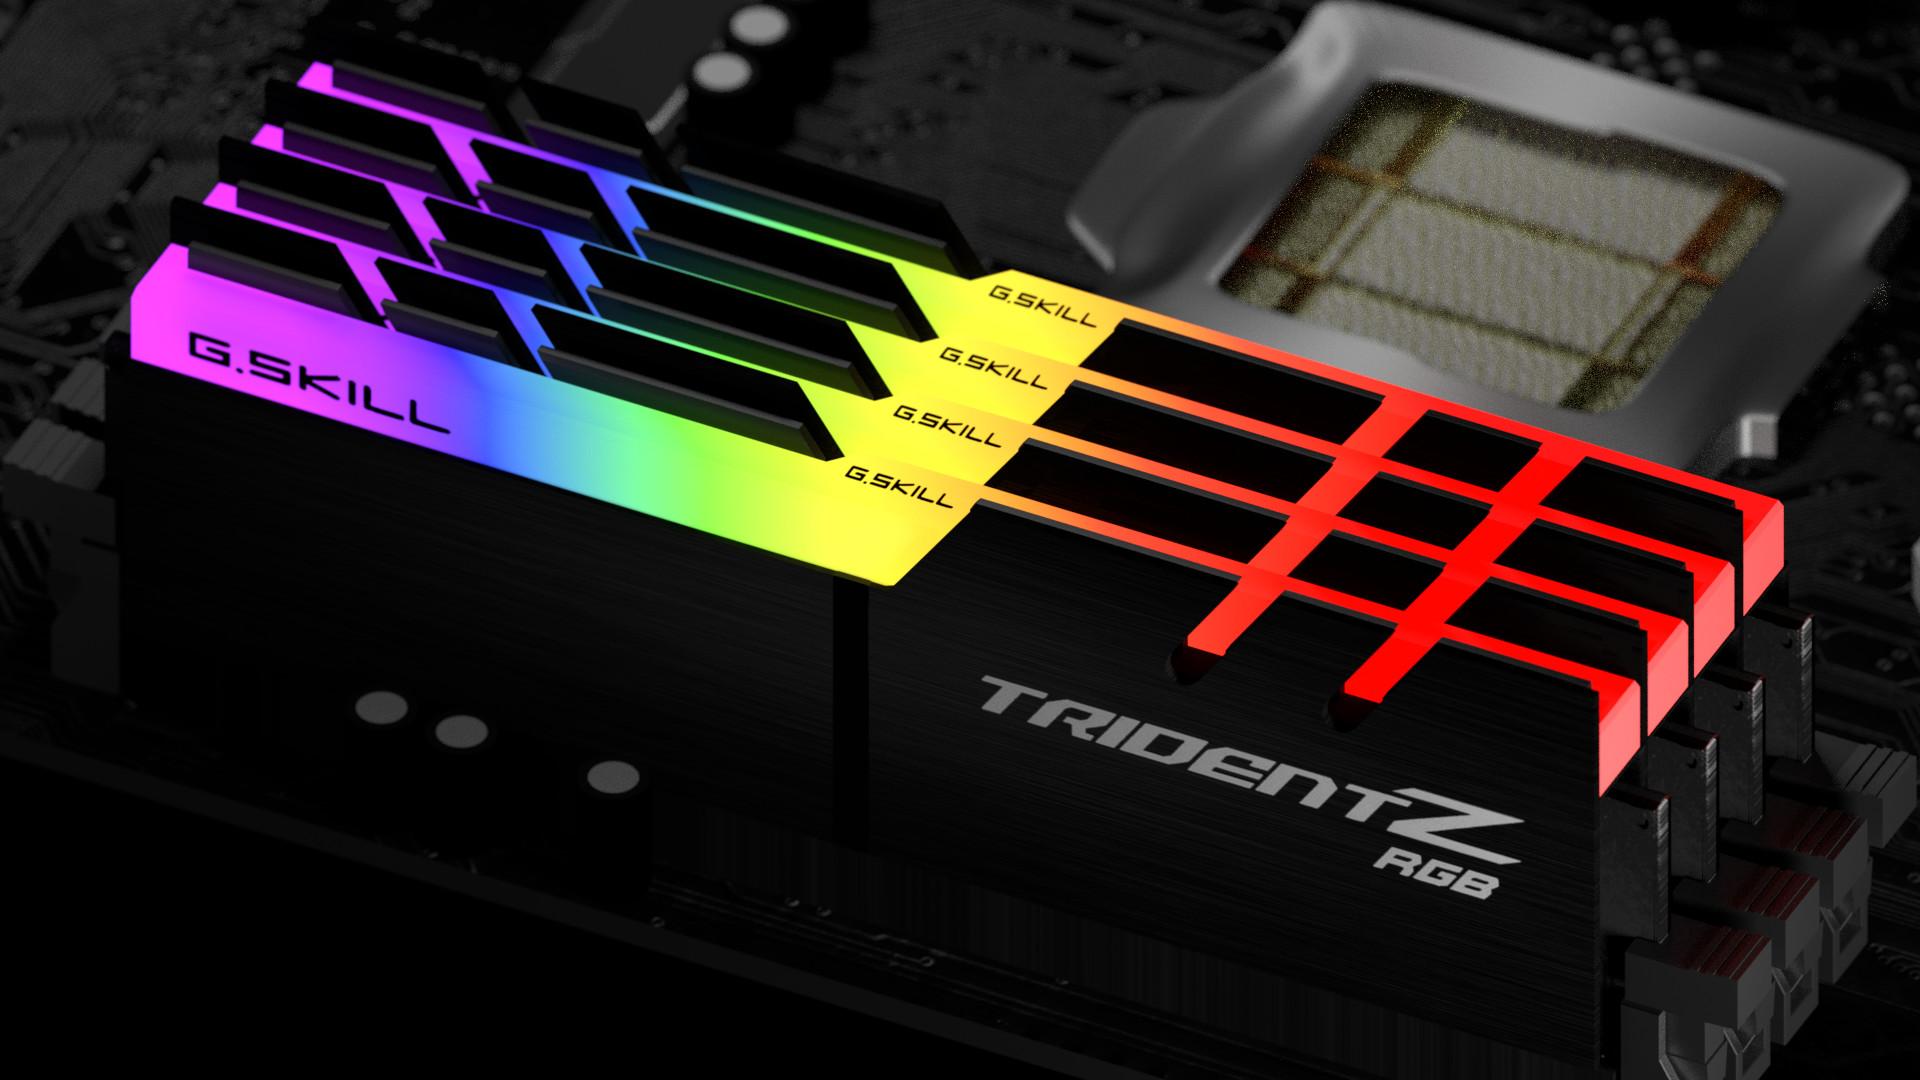 MODULO 32GB (3200 MHZ) TRIDENT Z RGB - GSKILL